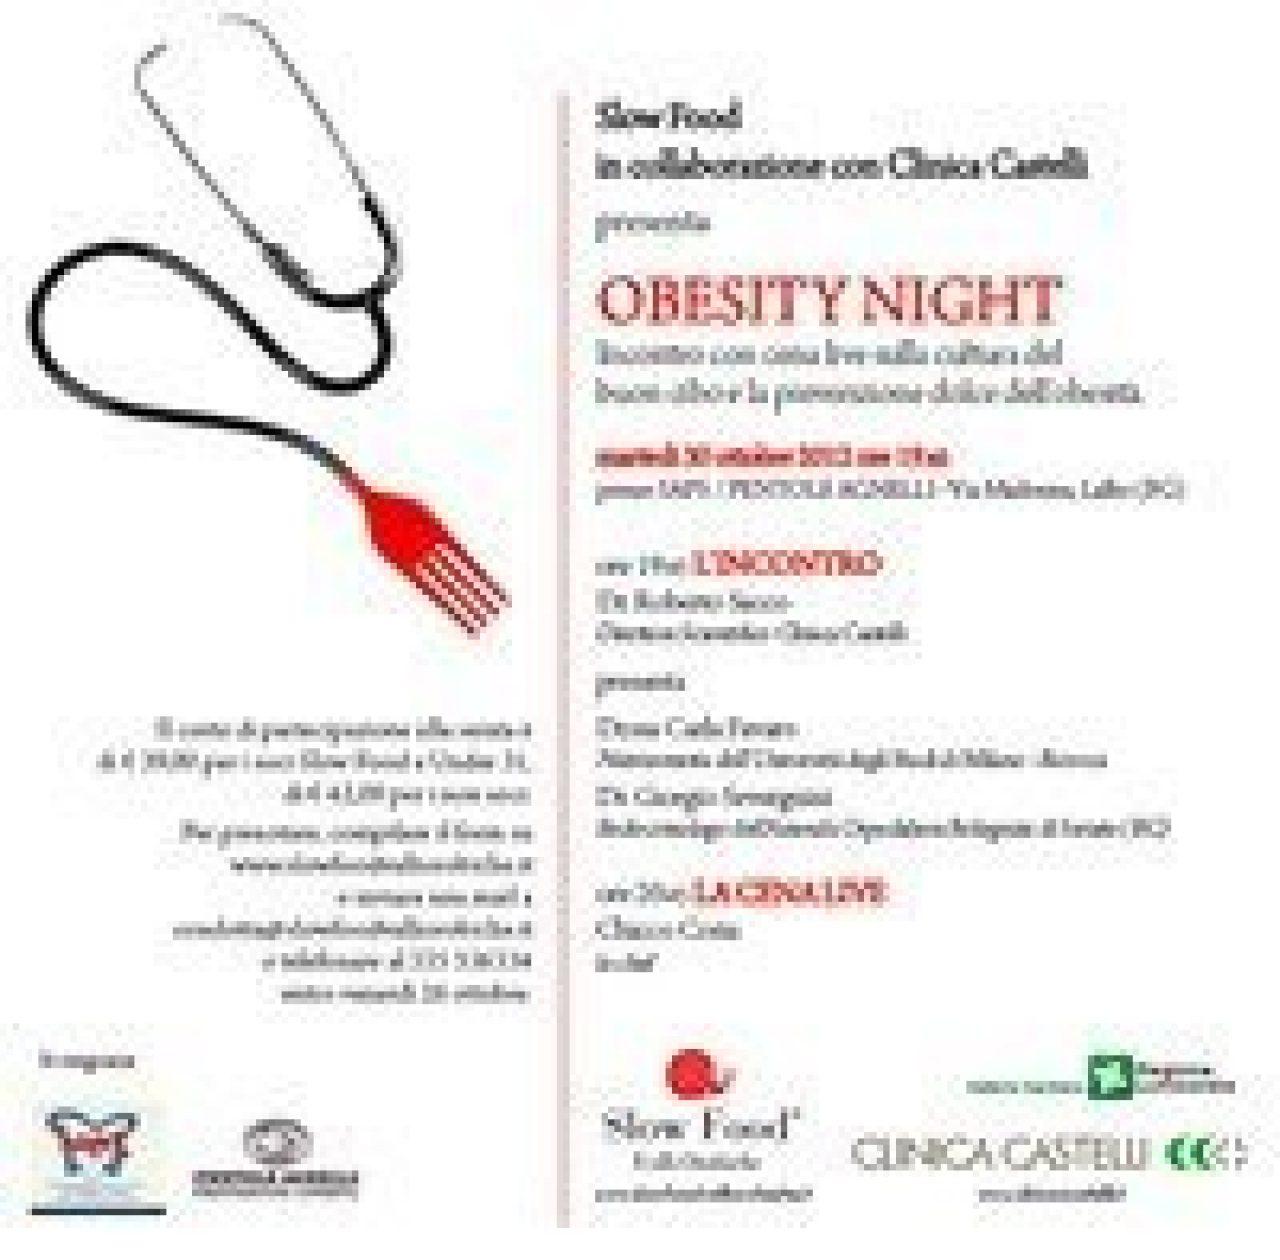 Obesity Night, un'iniziativa sul rapporto cibo-salute